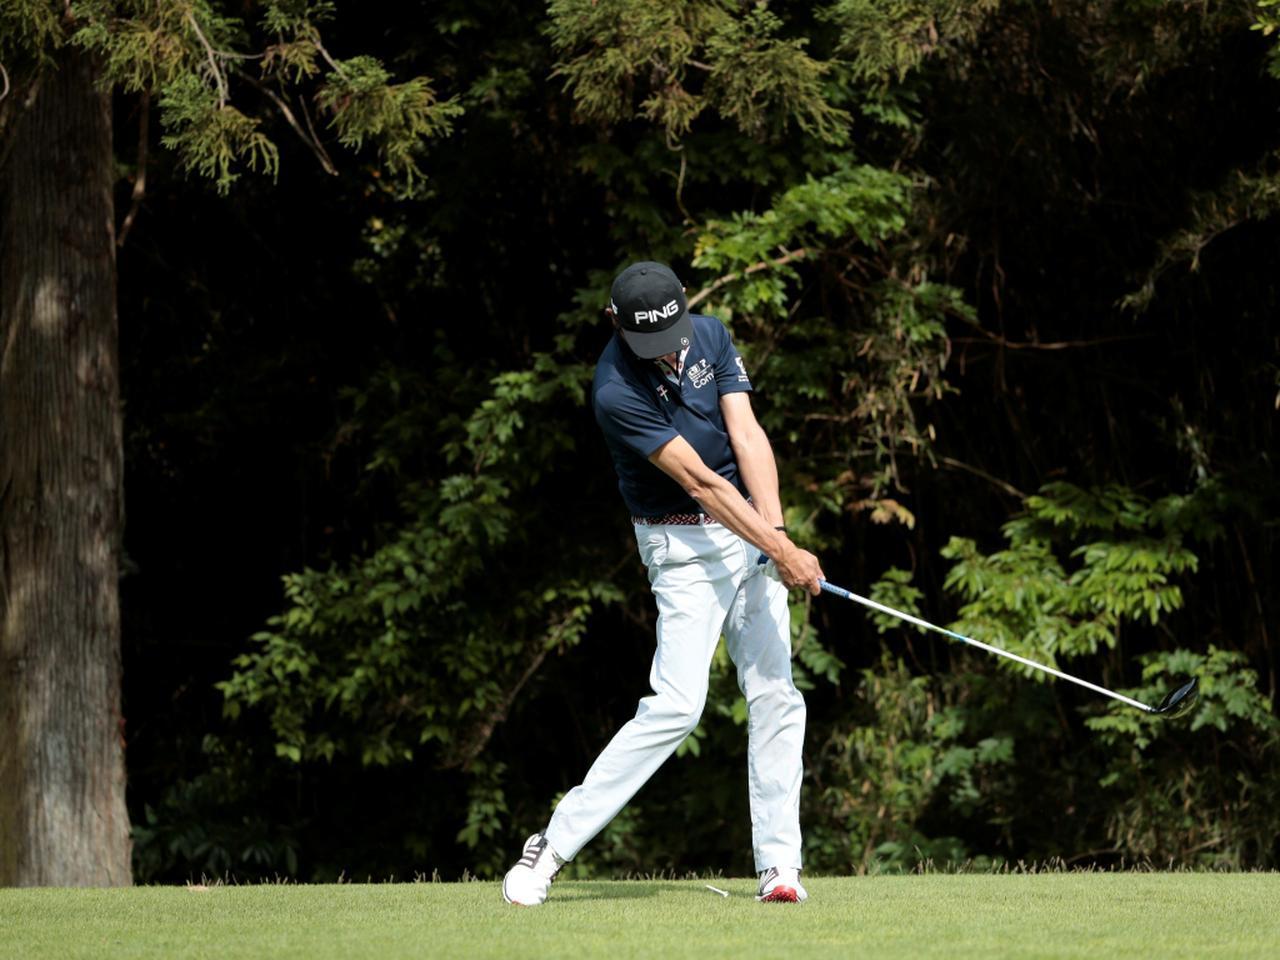 画像6: 【ヒールを喰わないドライバー】マン振りしても芯に当たる! ヘッドスピード40m/s前後のゴルファーの飛距離をアップさせるカスタムモデルが登場